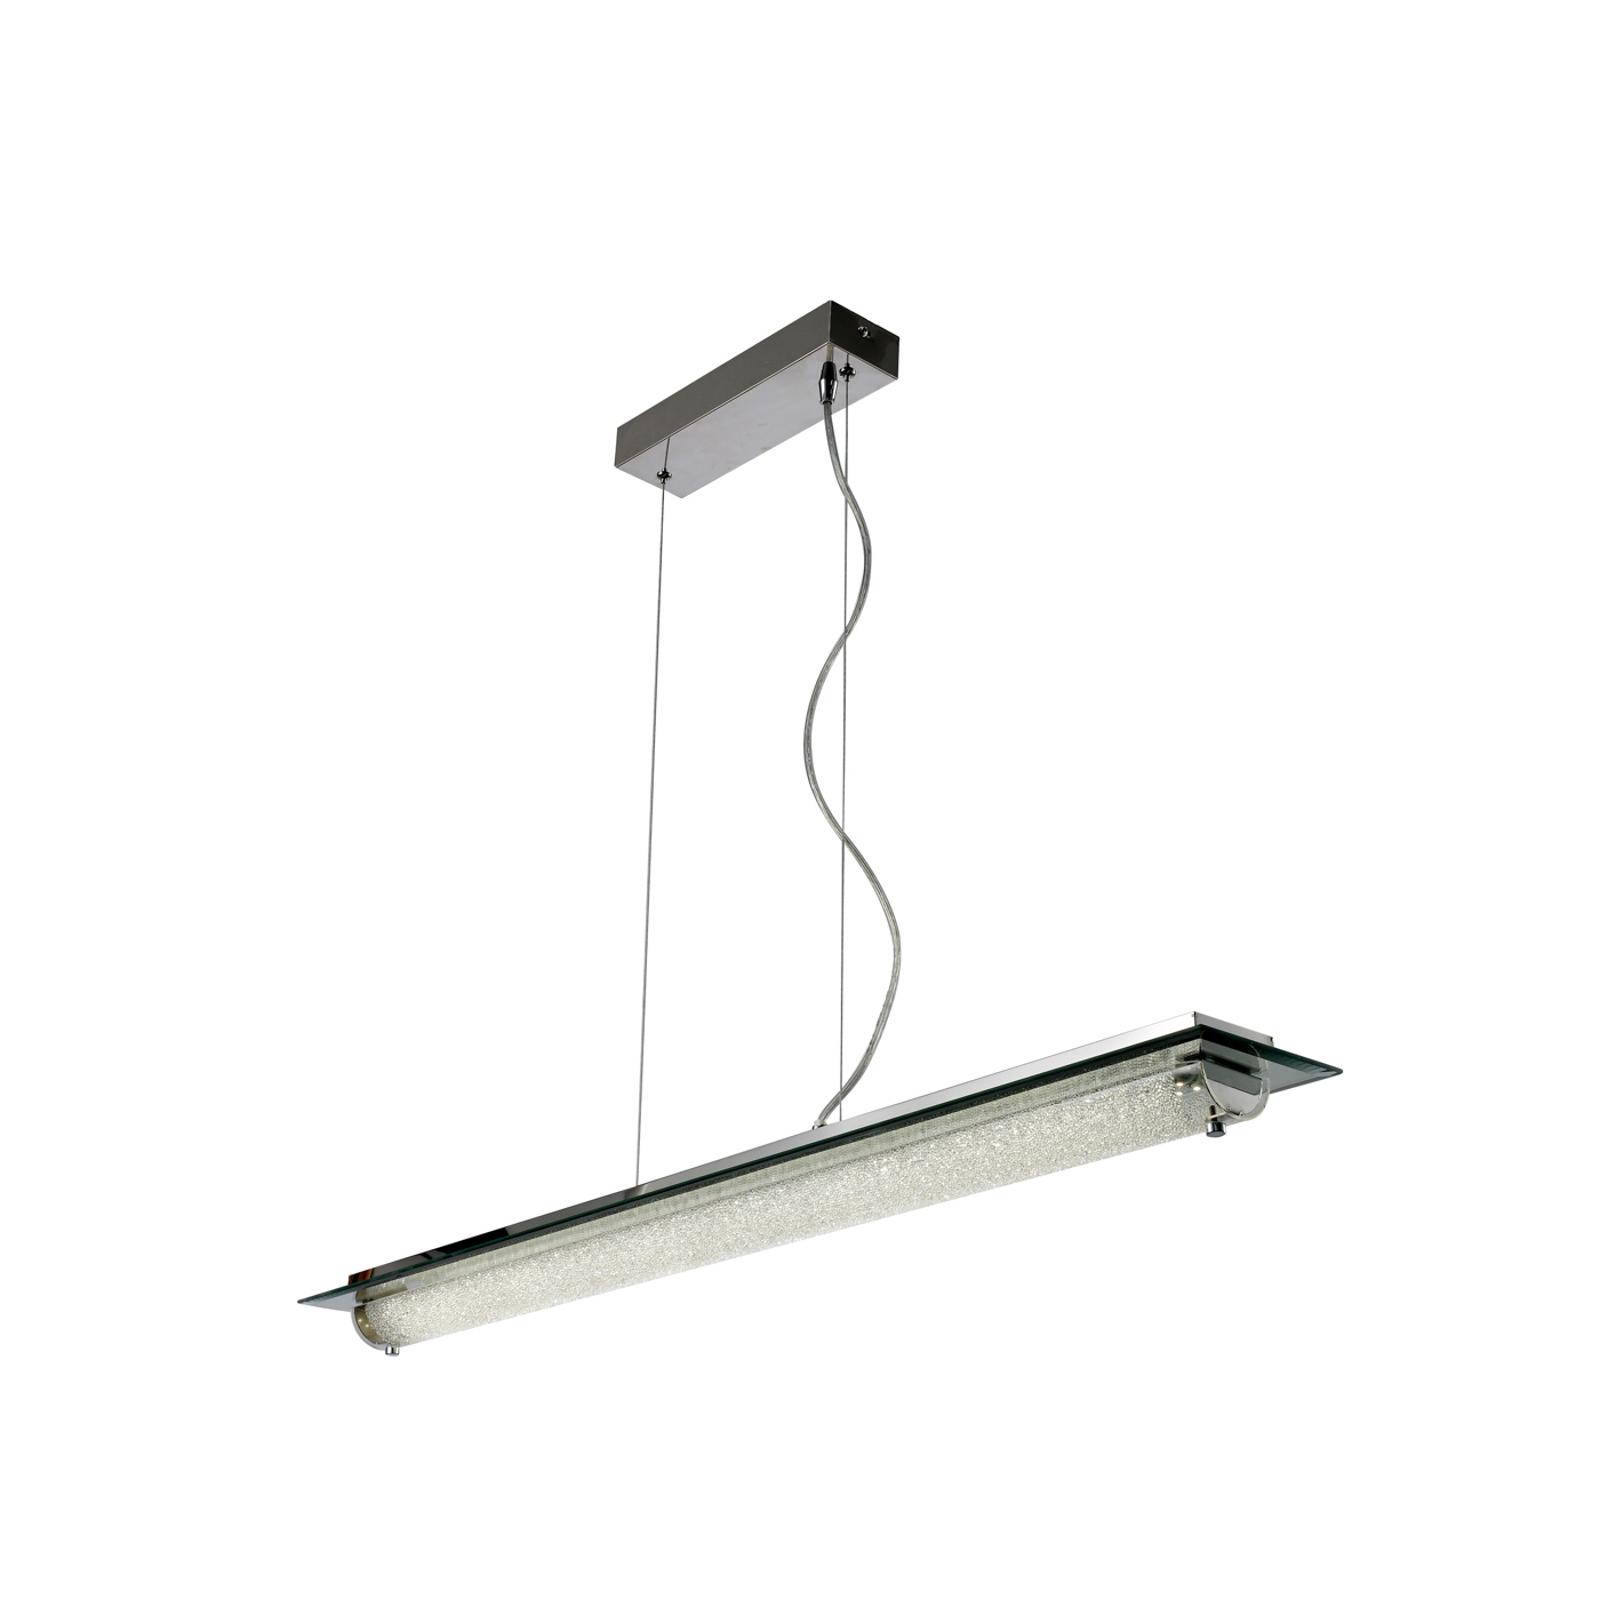 Lampa wisząca LED Tube, długość 90 cm